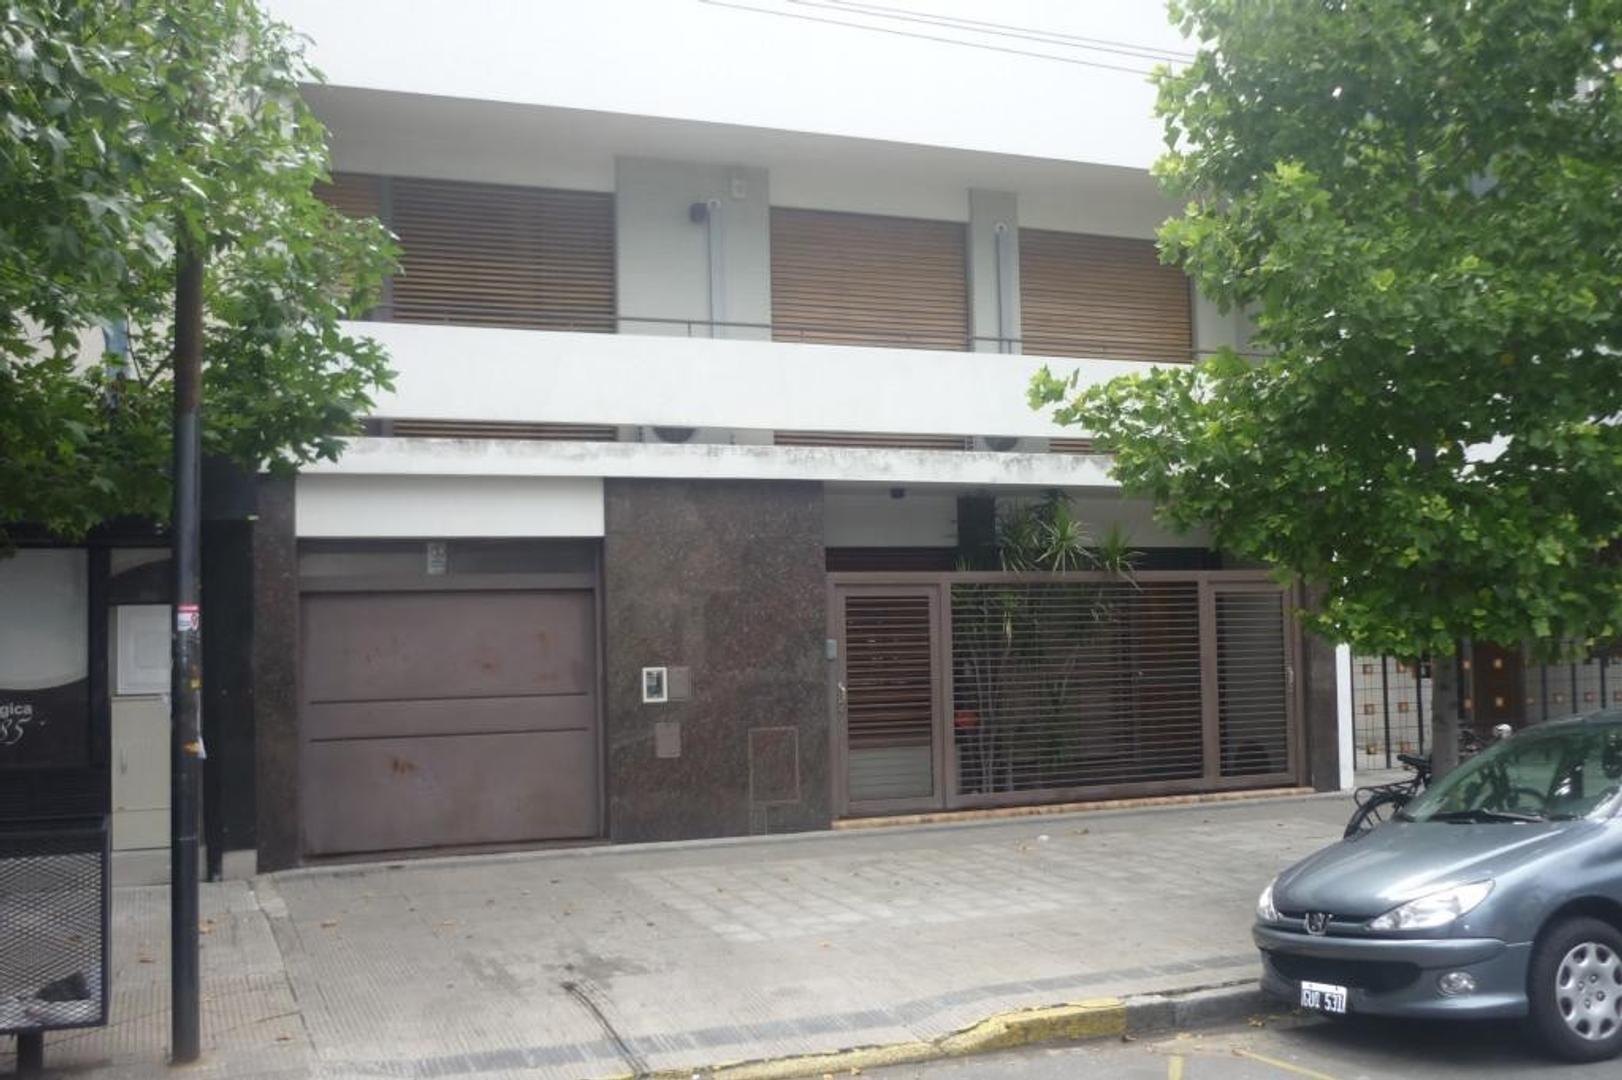 Casa en venta en La Plata Calle 13 e/ 45 y 46 Dacal Bienes Raices